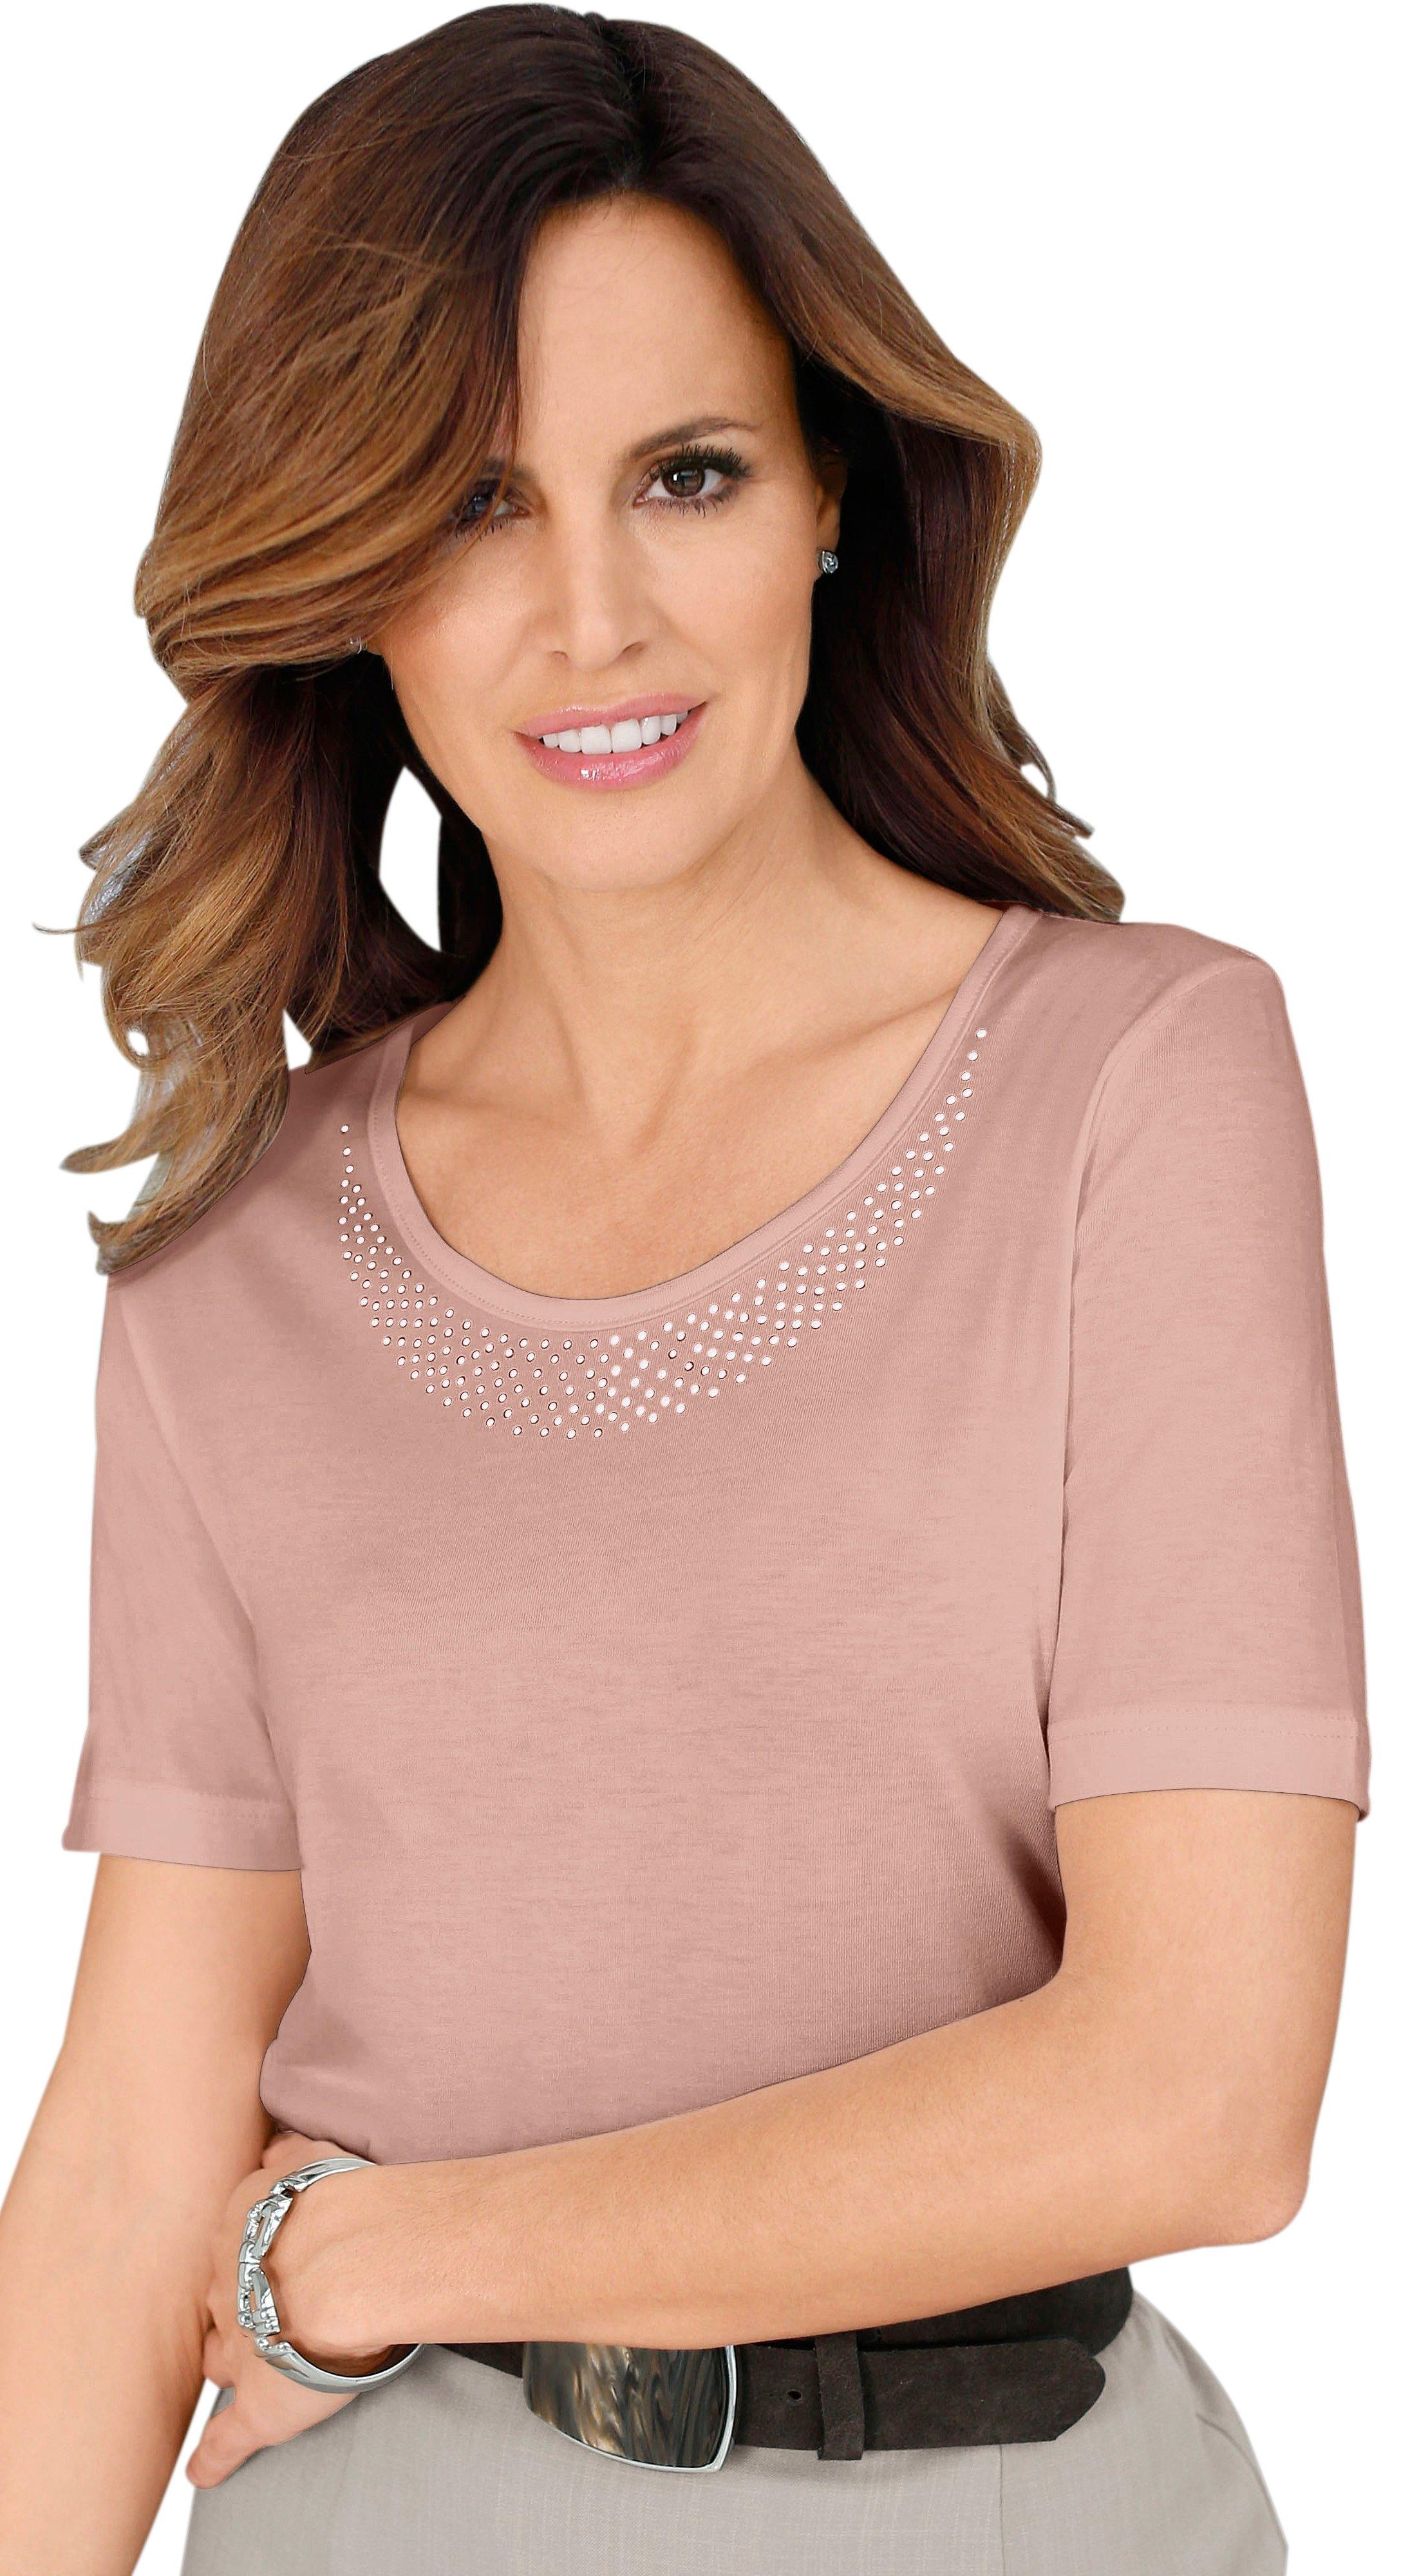 Classic Basics Shirt voordelig en veilig online kopen